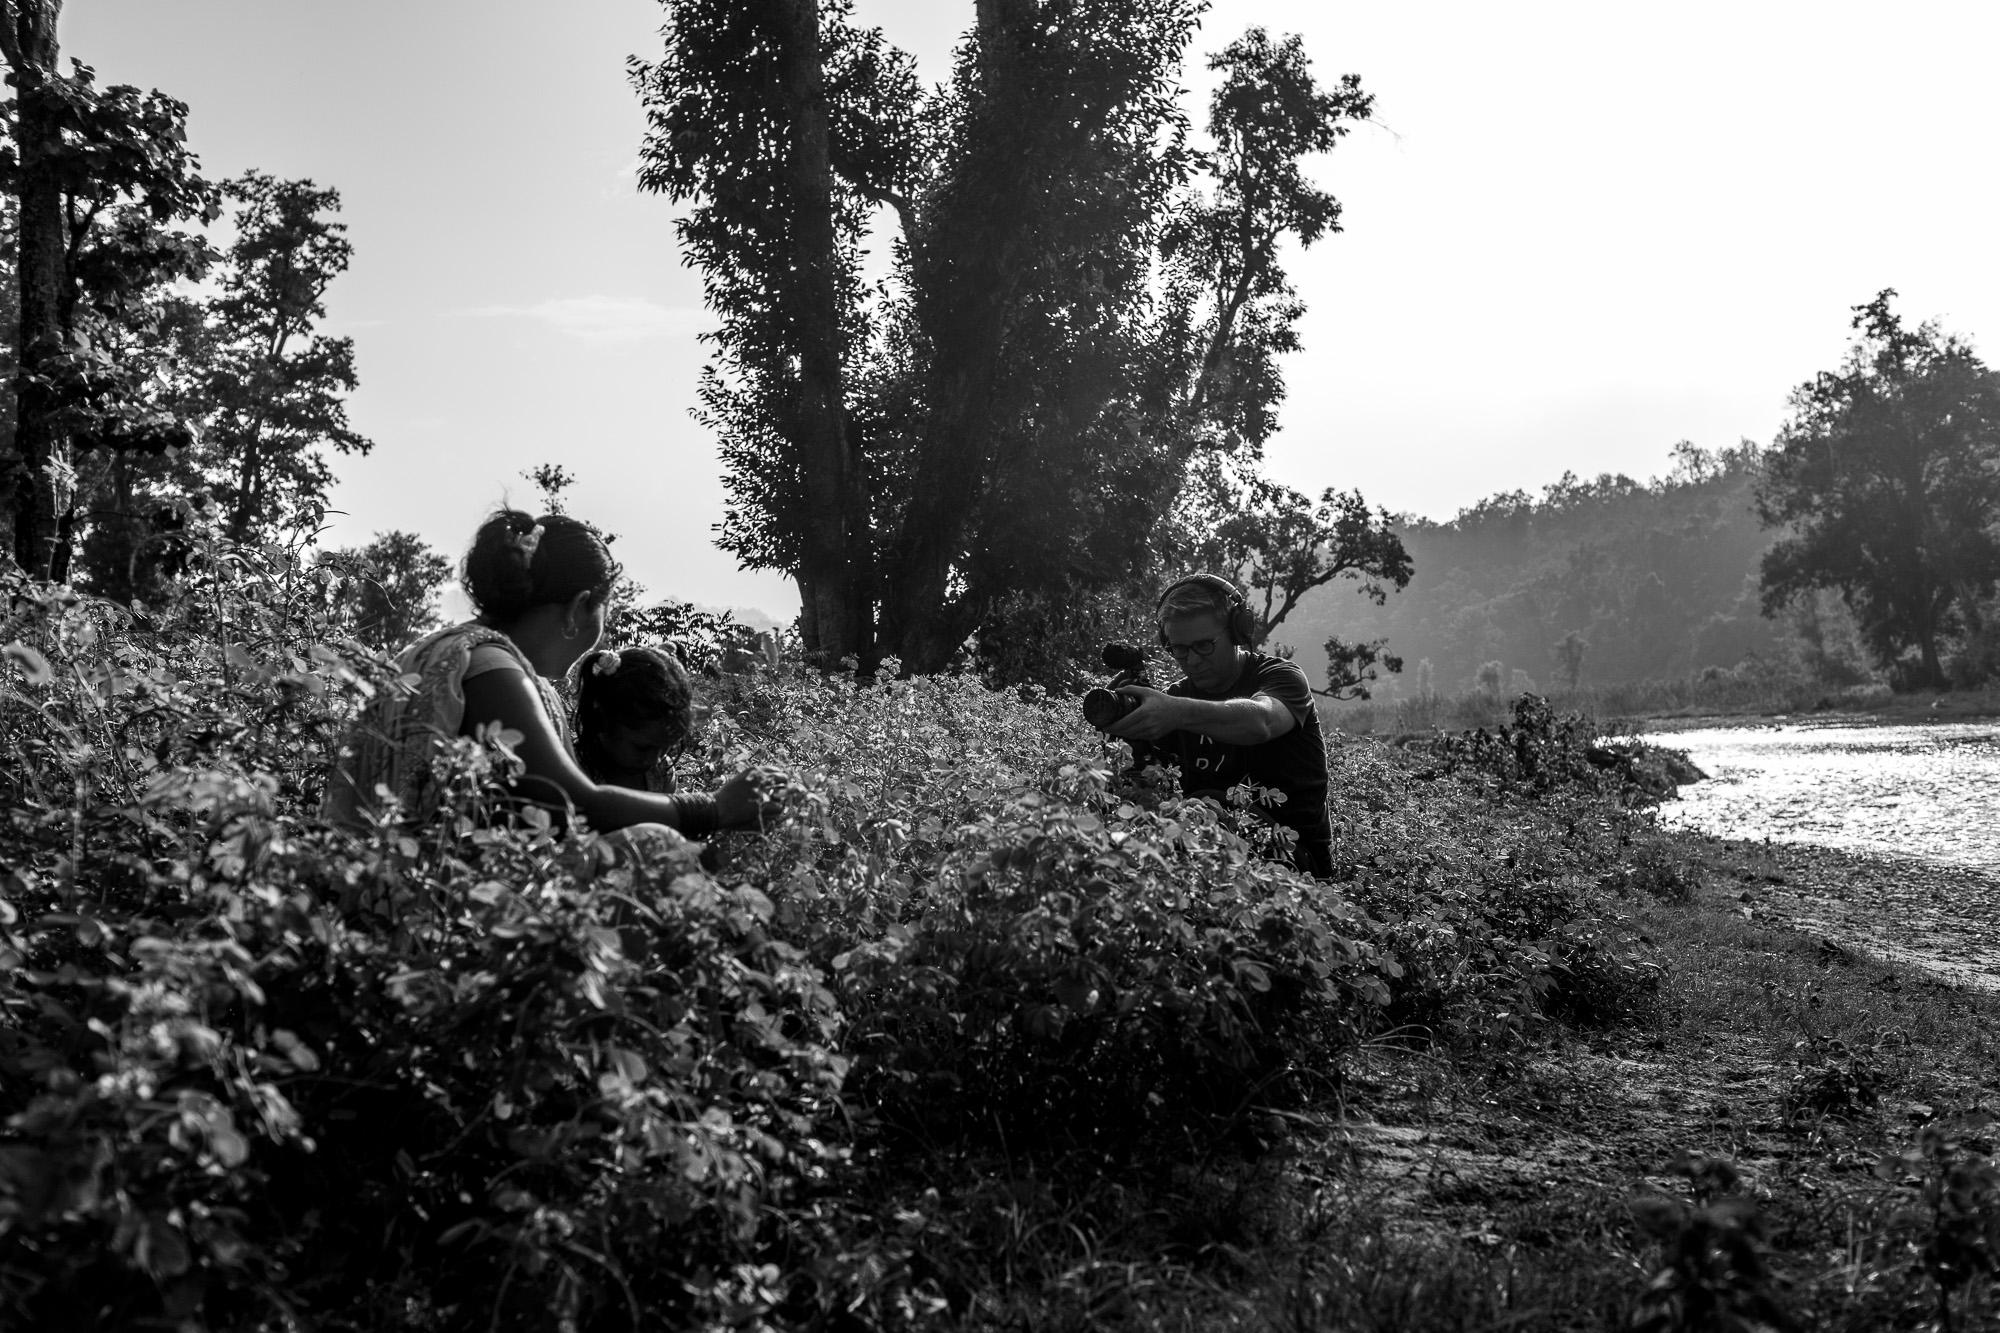 170904-Nepal-Wingard-0031-web-2.jpg